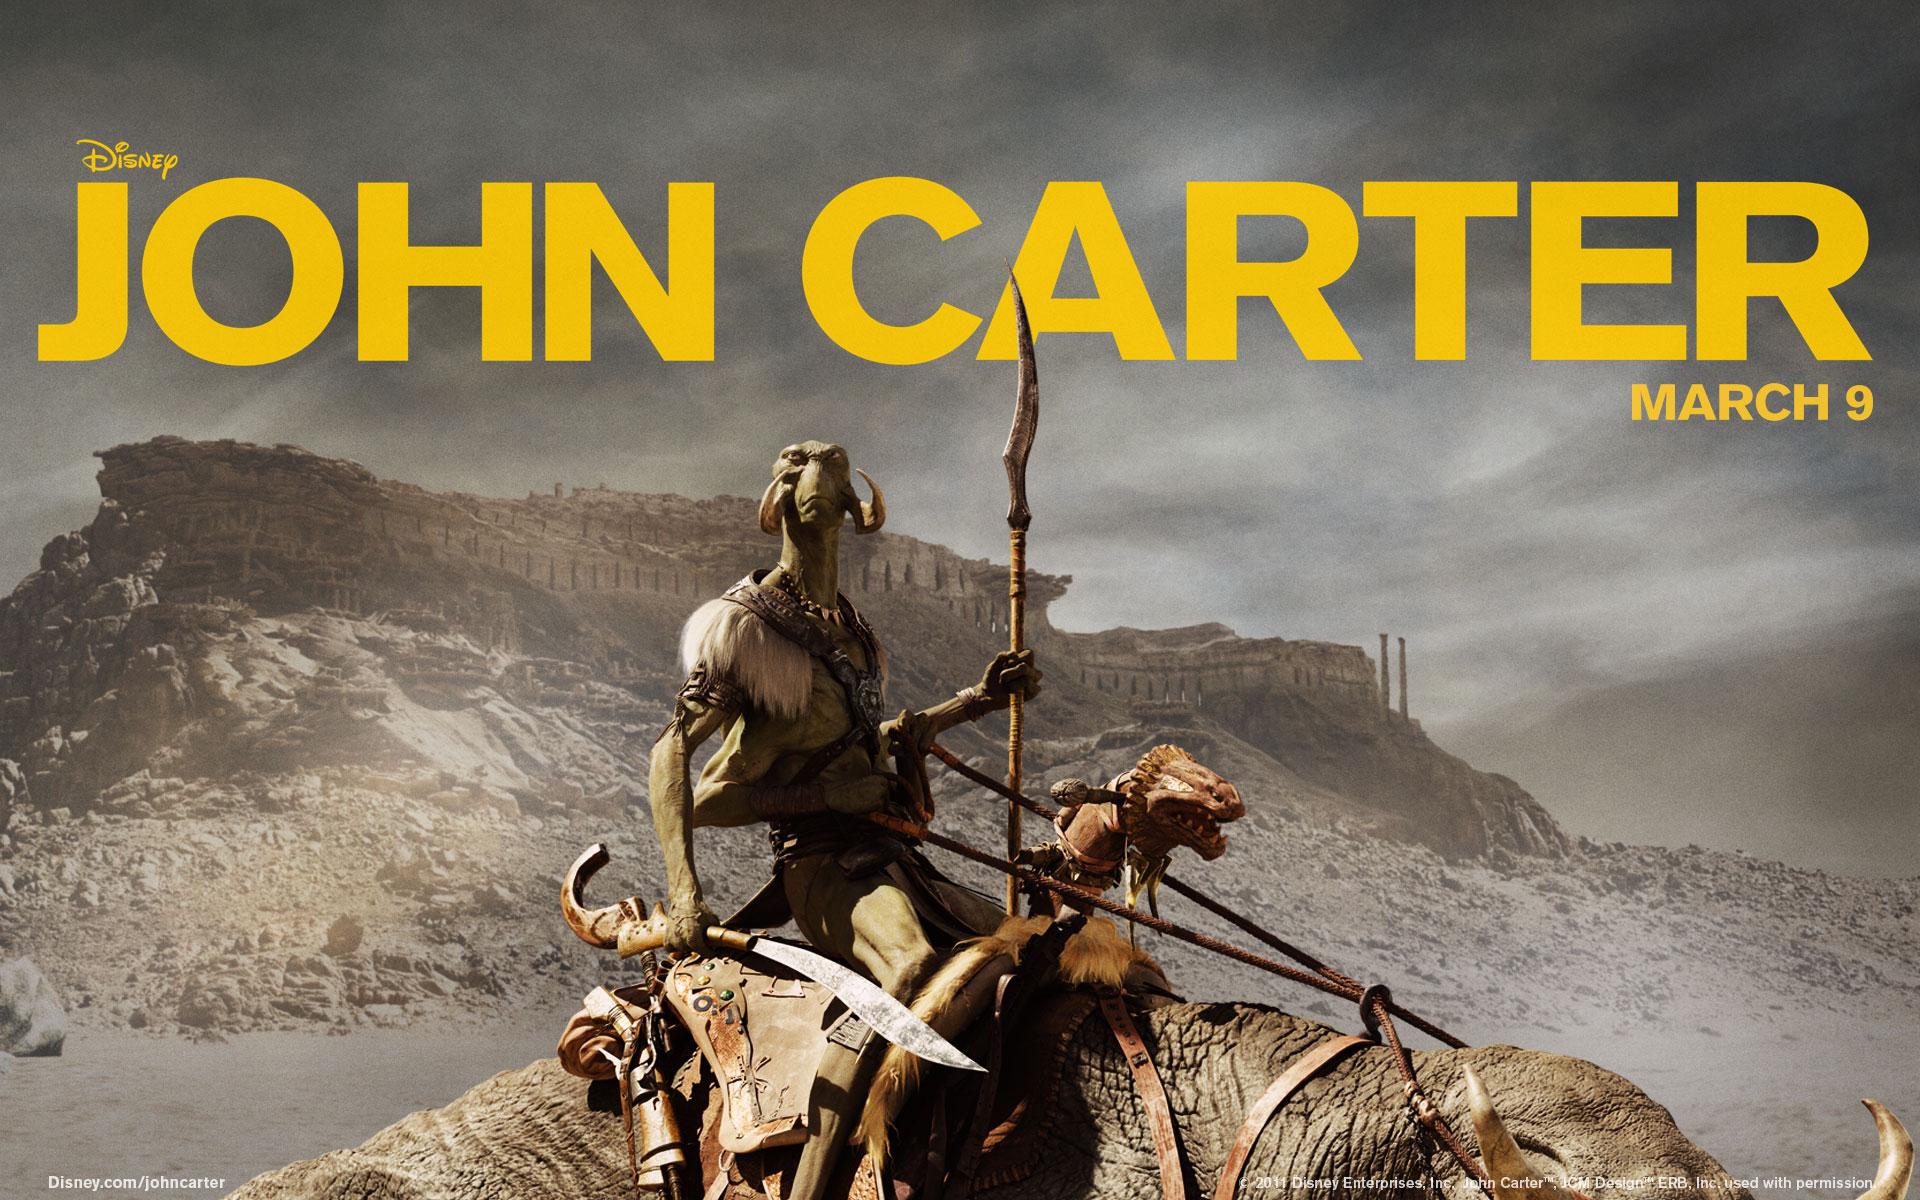 John Carter Wallpapers John Carter Movie 2012 Wallpaper 29693462 Fanpop